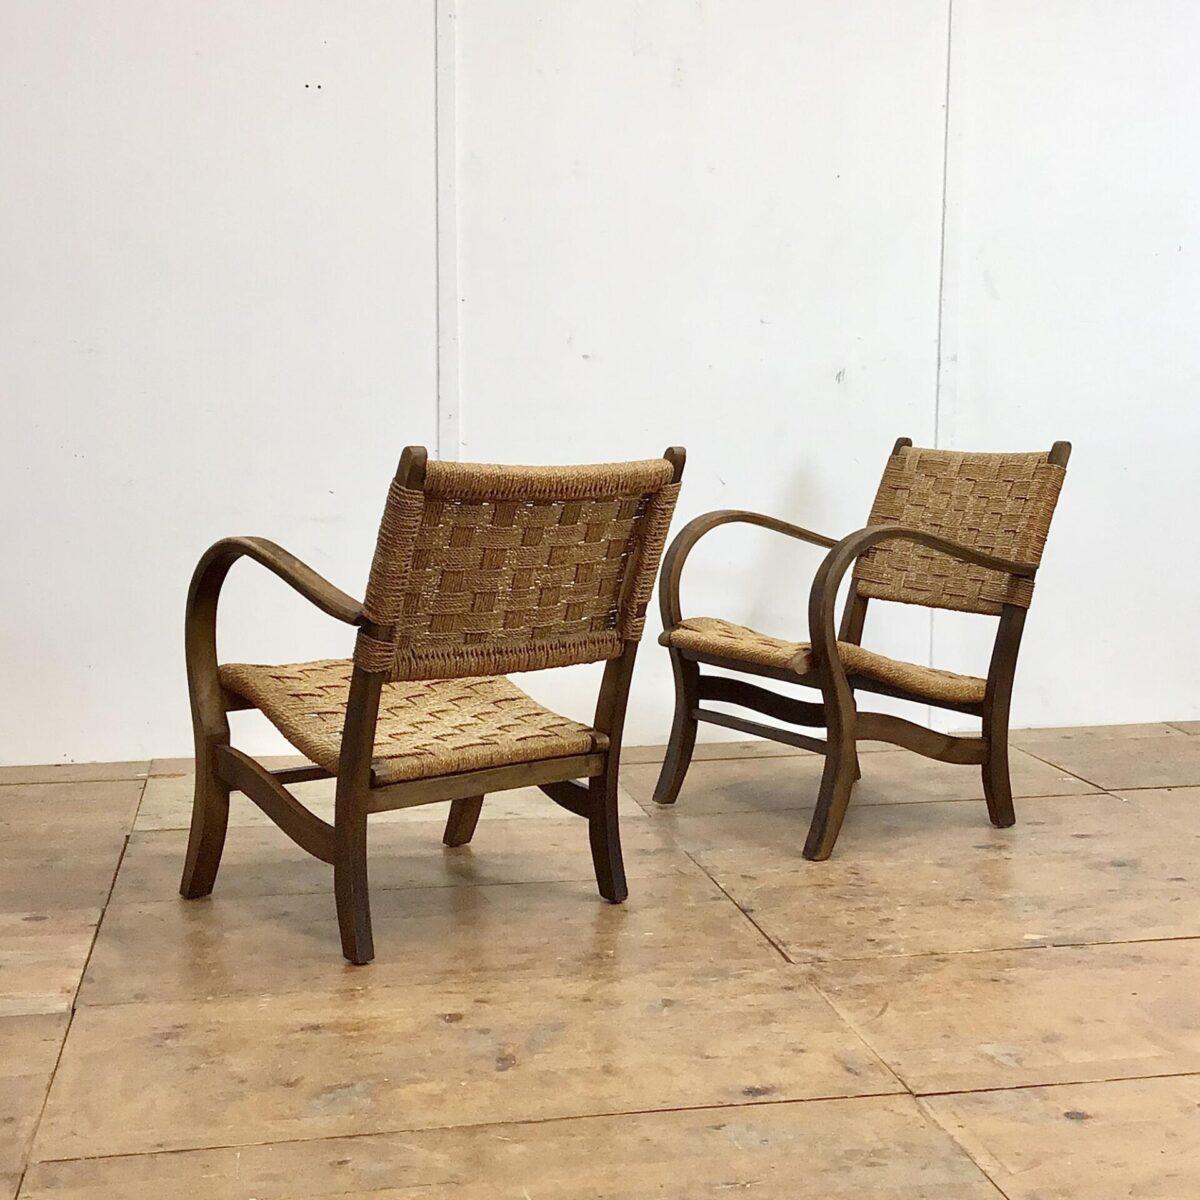 Deuxieme.shop midcentury Easy chairs Cocktail Sessel Zwei Wohnzimmer Sessel mit geflochtener Sitzfläche und Lehne. Breite 56cm tiefe 68cm Höhe 75cm. Das Holz Stuhlgestell, mit den Dampfgebogenen Armlehnen, hat eine dunkelbraune Alterspatina.